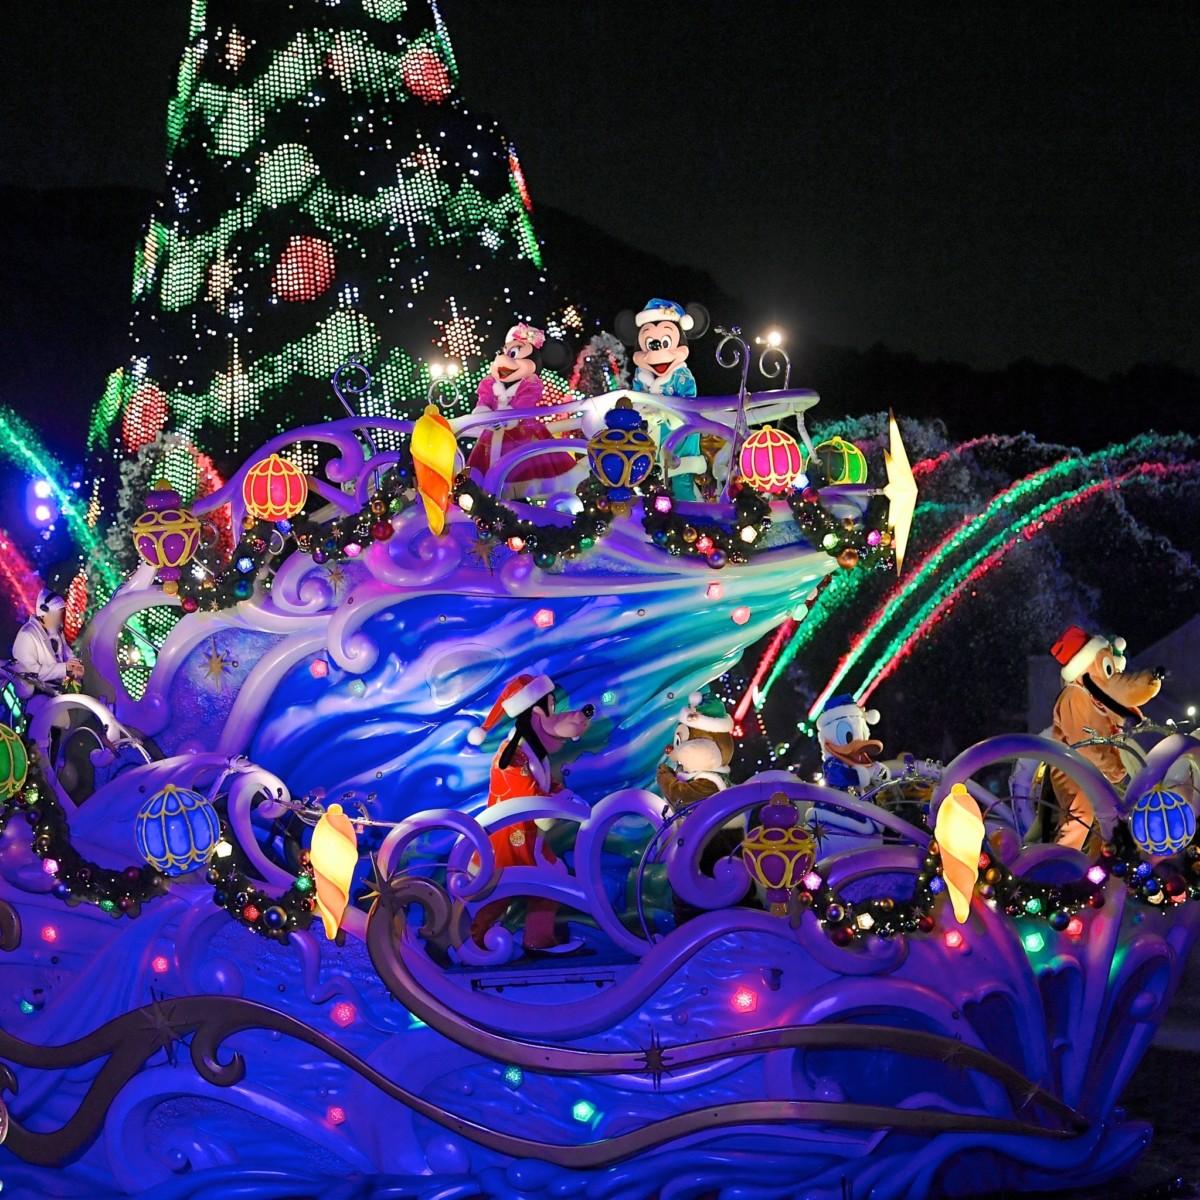 スペシャルイベント「ディズニー・クリスマス」